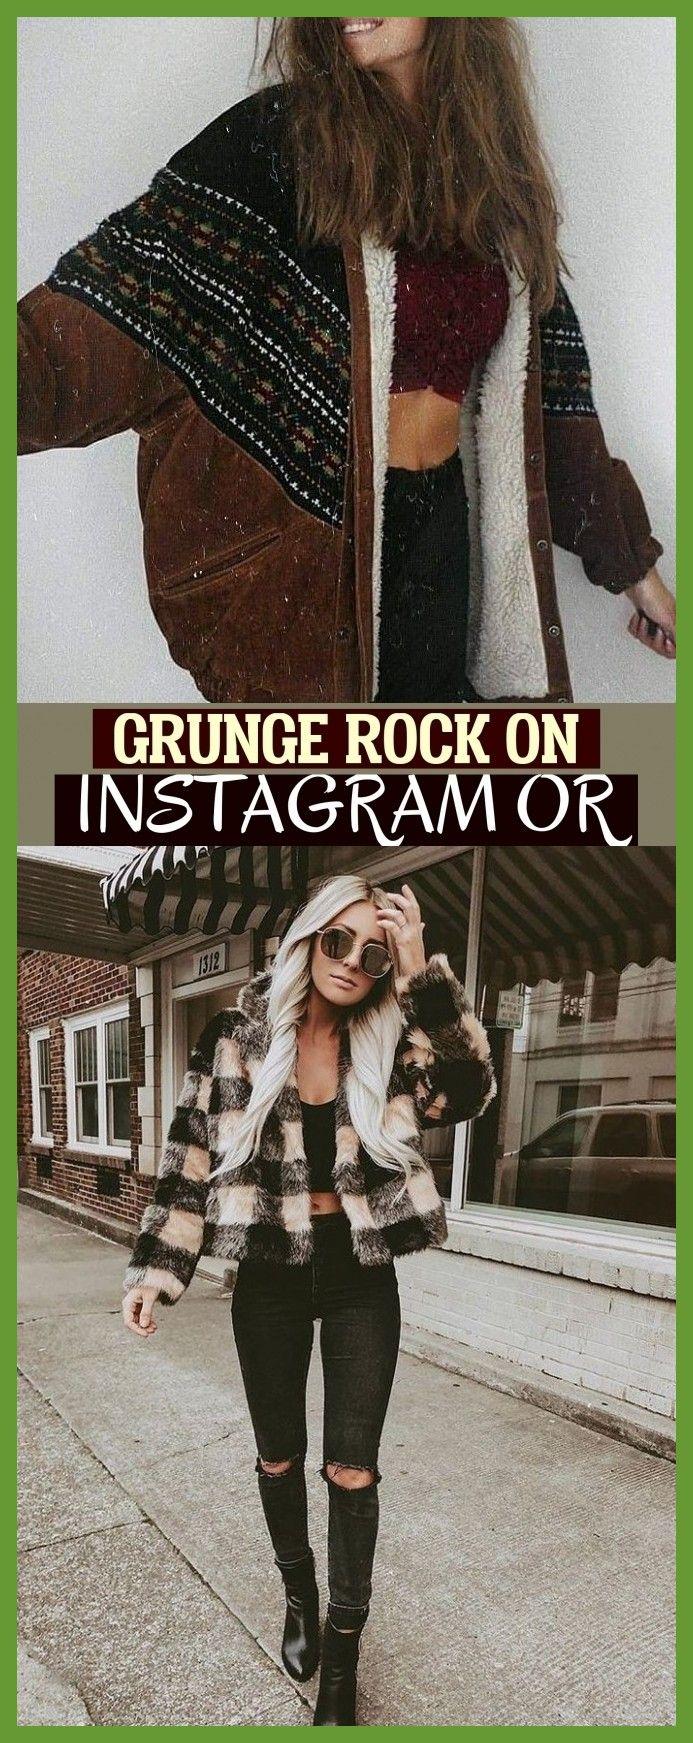 grunge rock auf instagram oder & #womenwinterfashion Grunge Rock On Instagram Or…